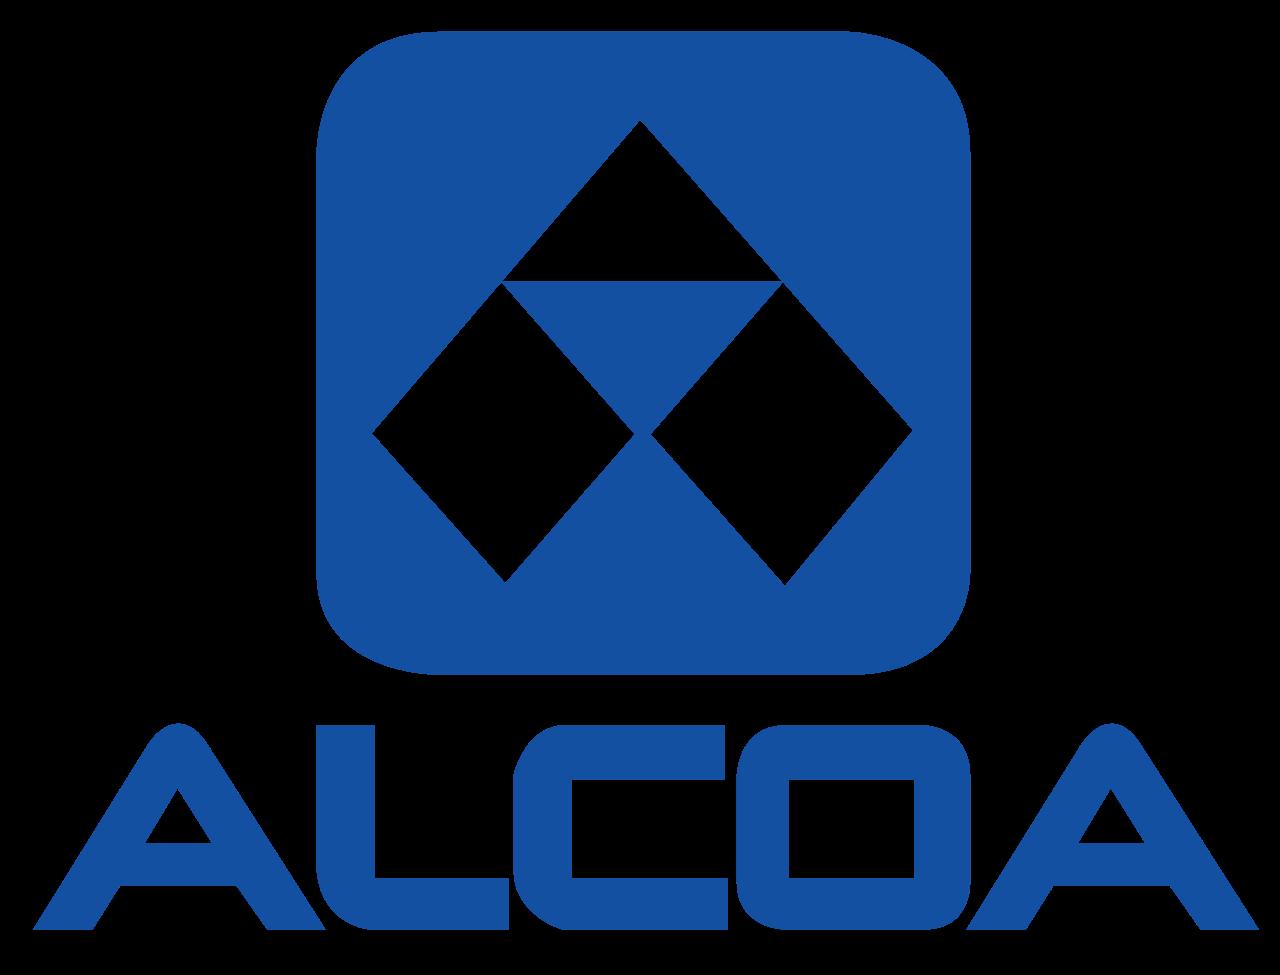 alcoa2